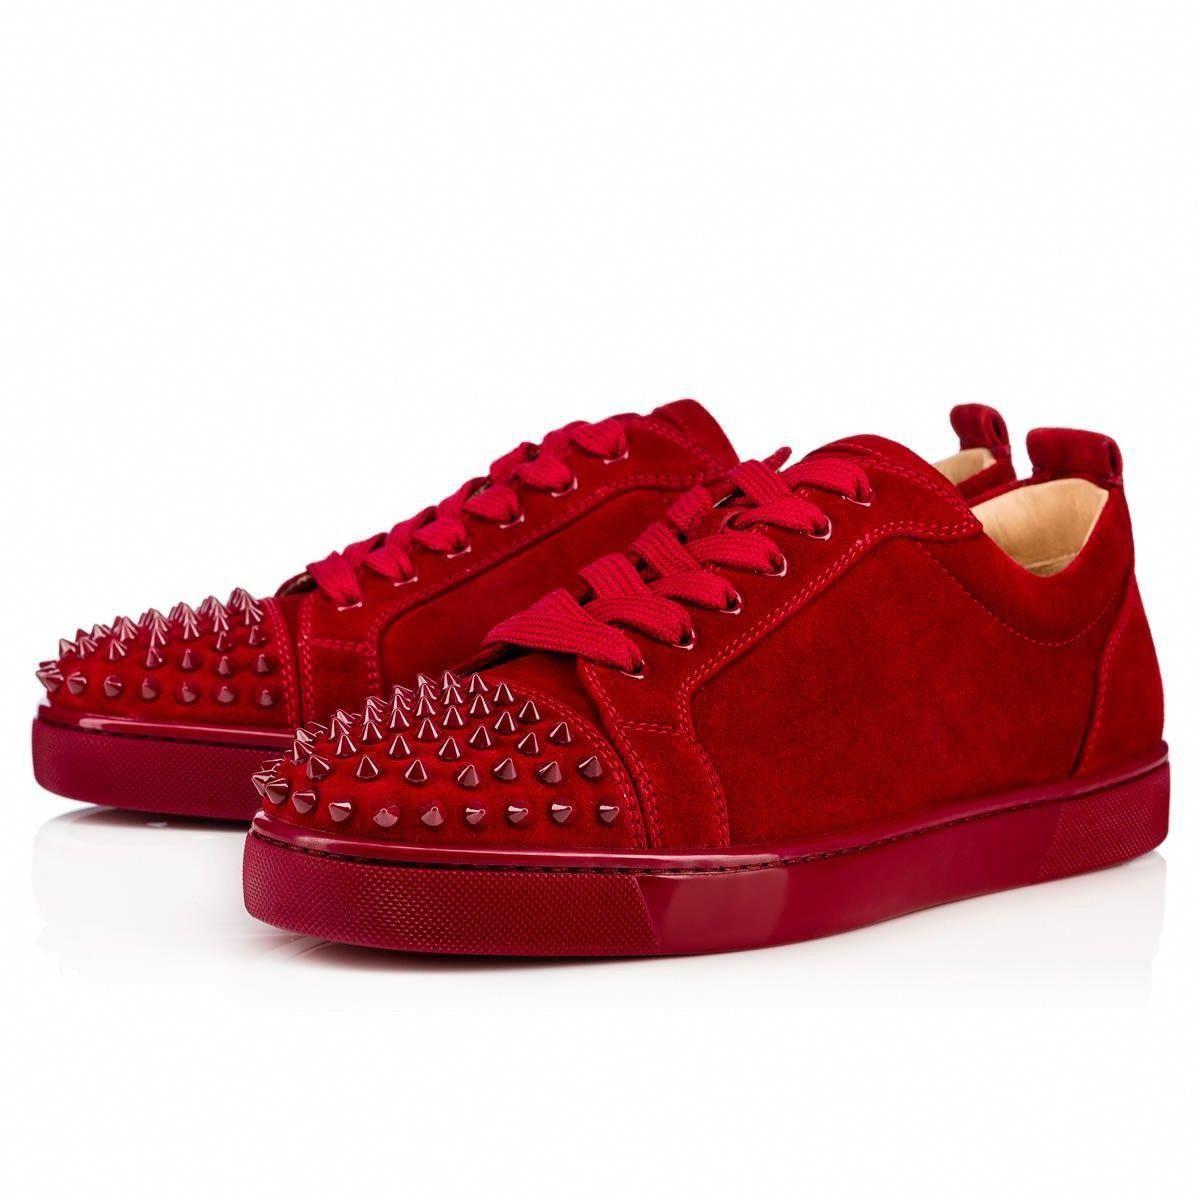 ecfb3457826 CHRISTIAN LOUBOUTIN Louis Junior Spikes Veau Velours Carmin Veau Velours -  Men Shoes - Christian Louboutin